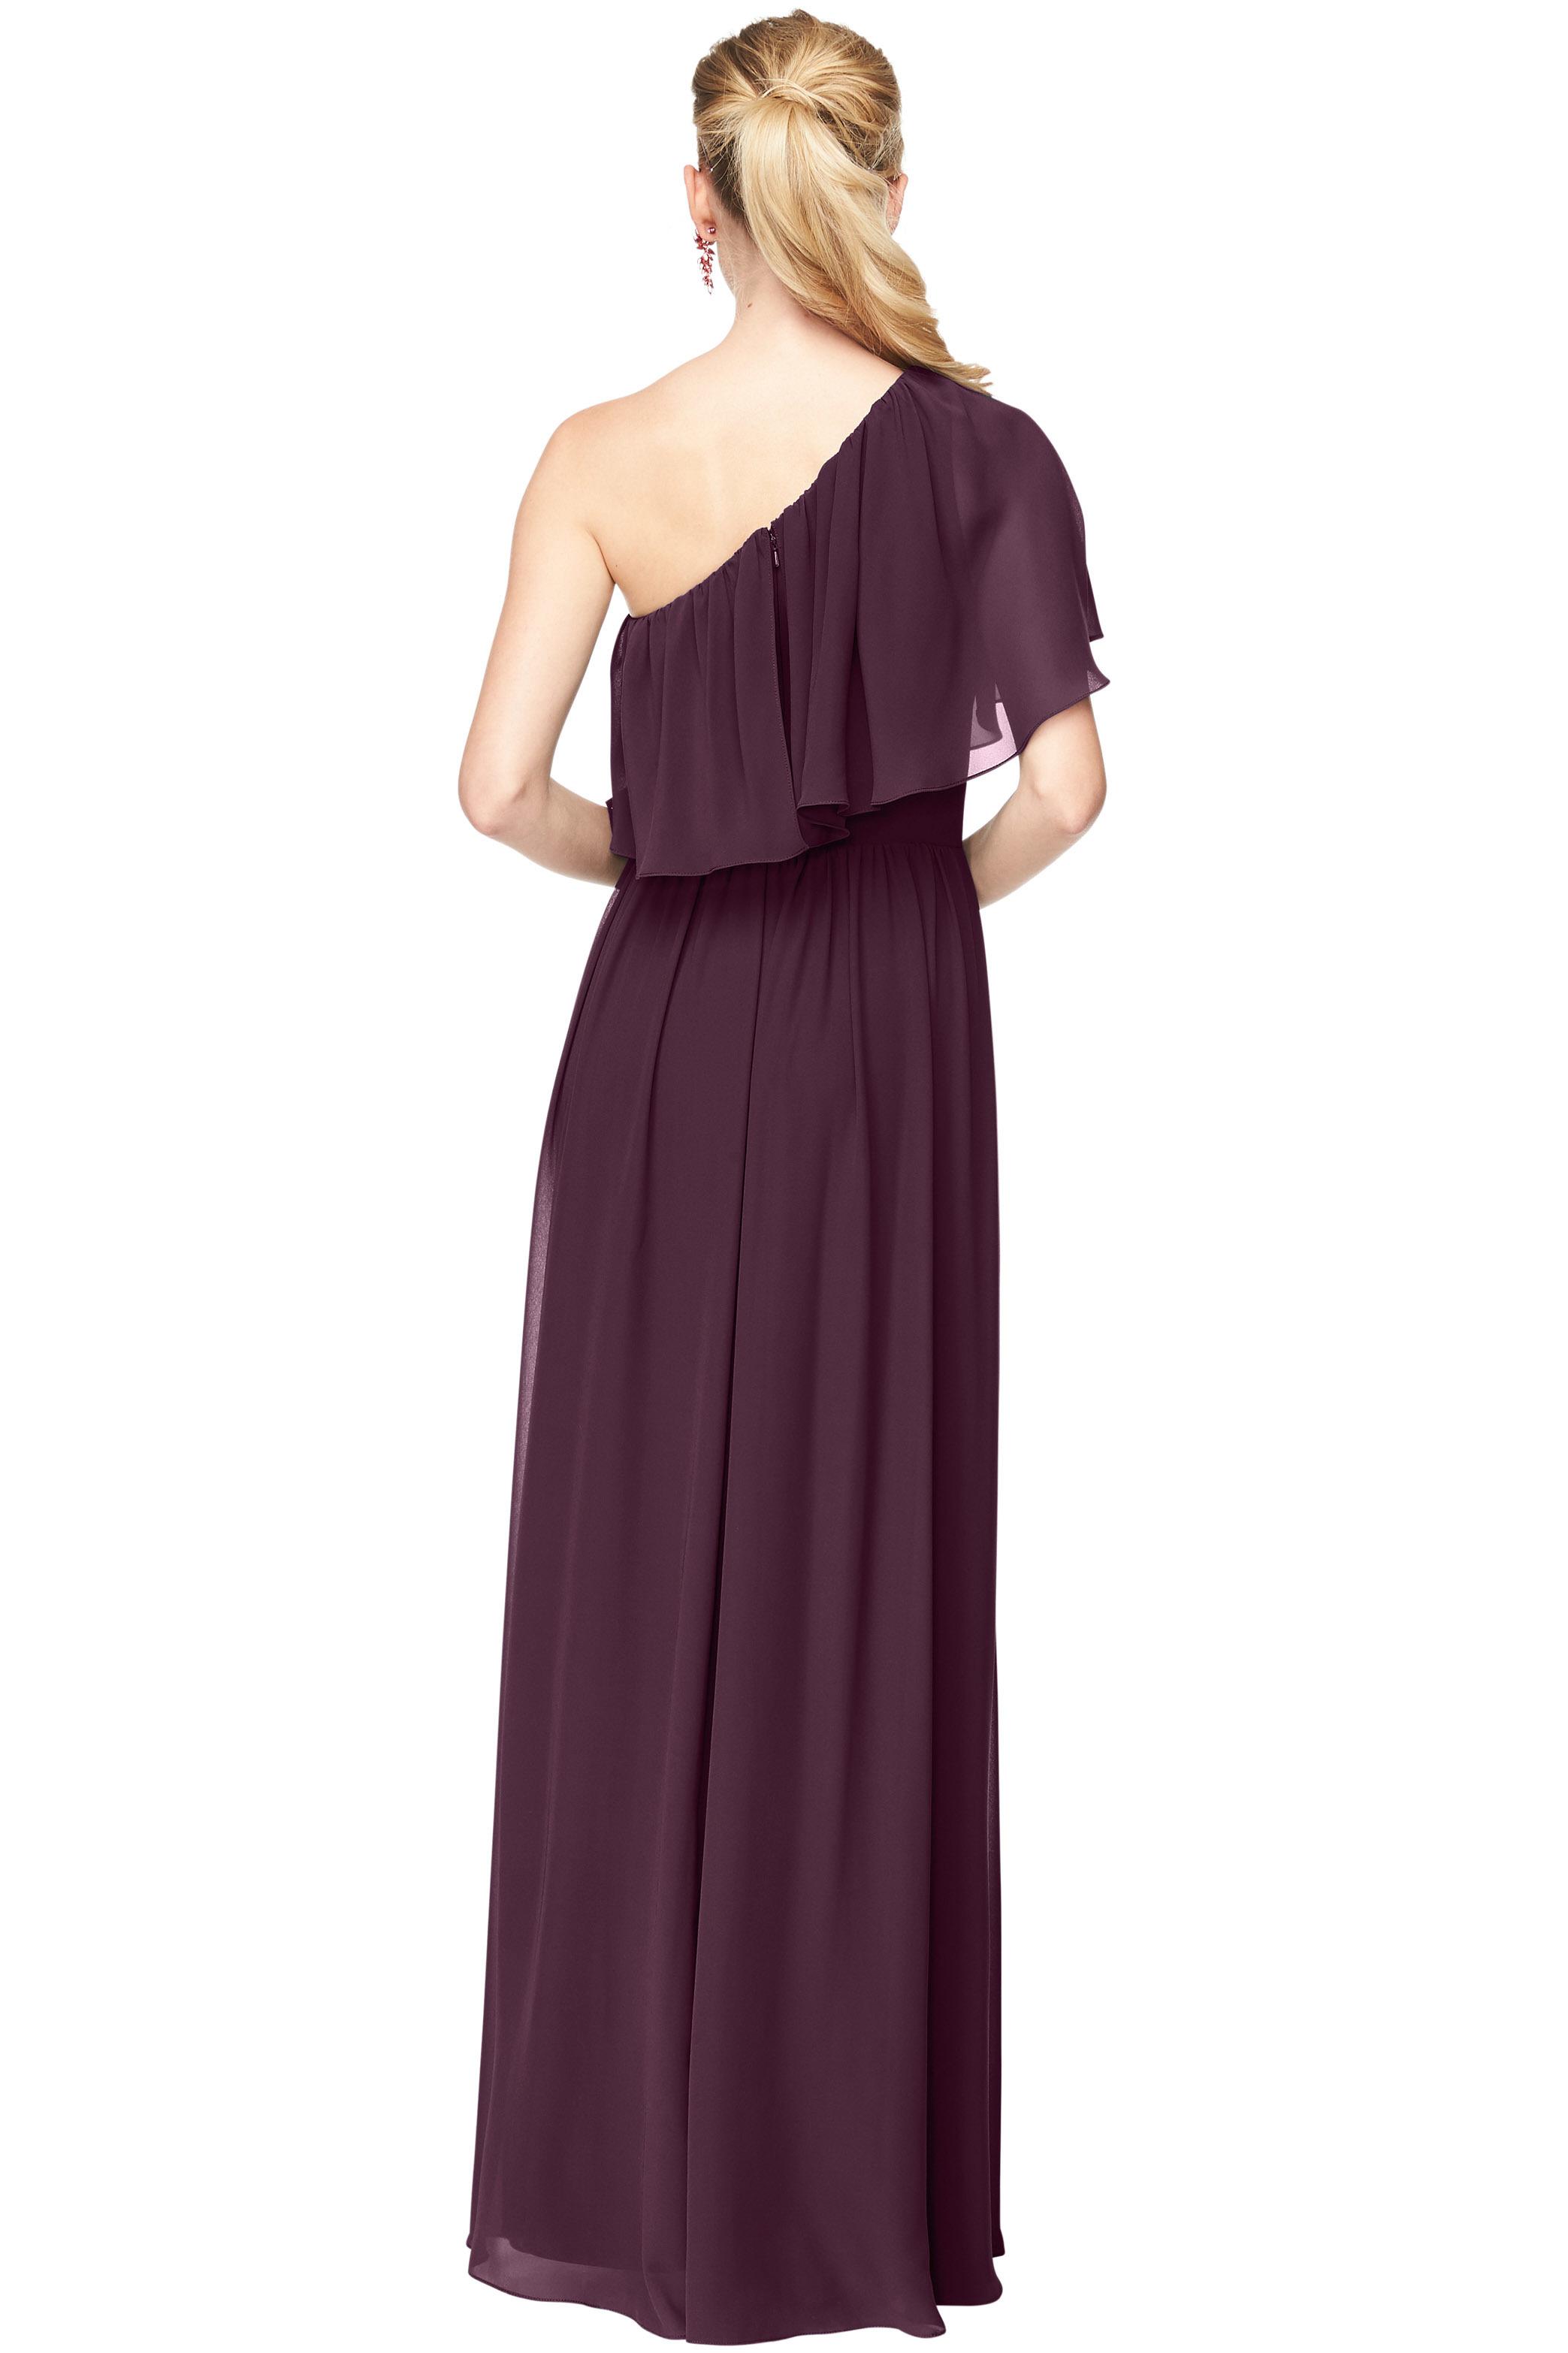 Bill Levkoff EGGPLANT Chiffon One Shoulder A-Line gown, $184.00 Back